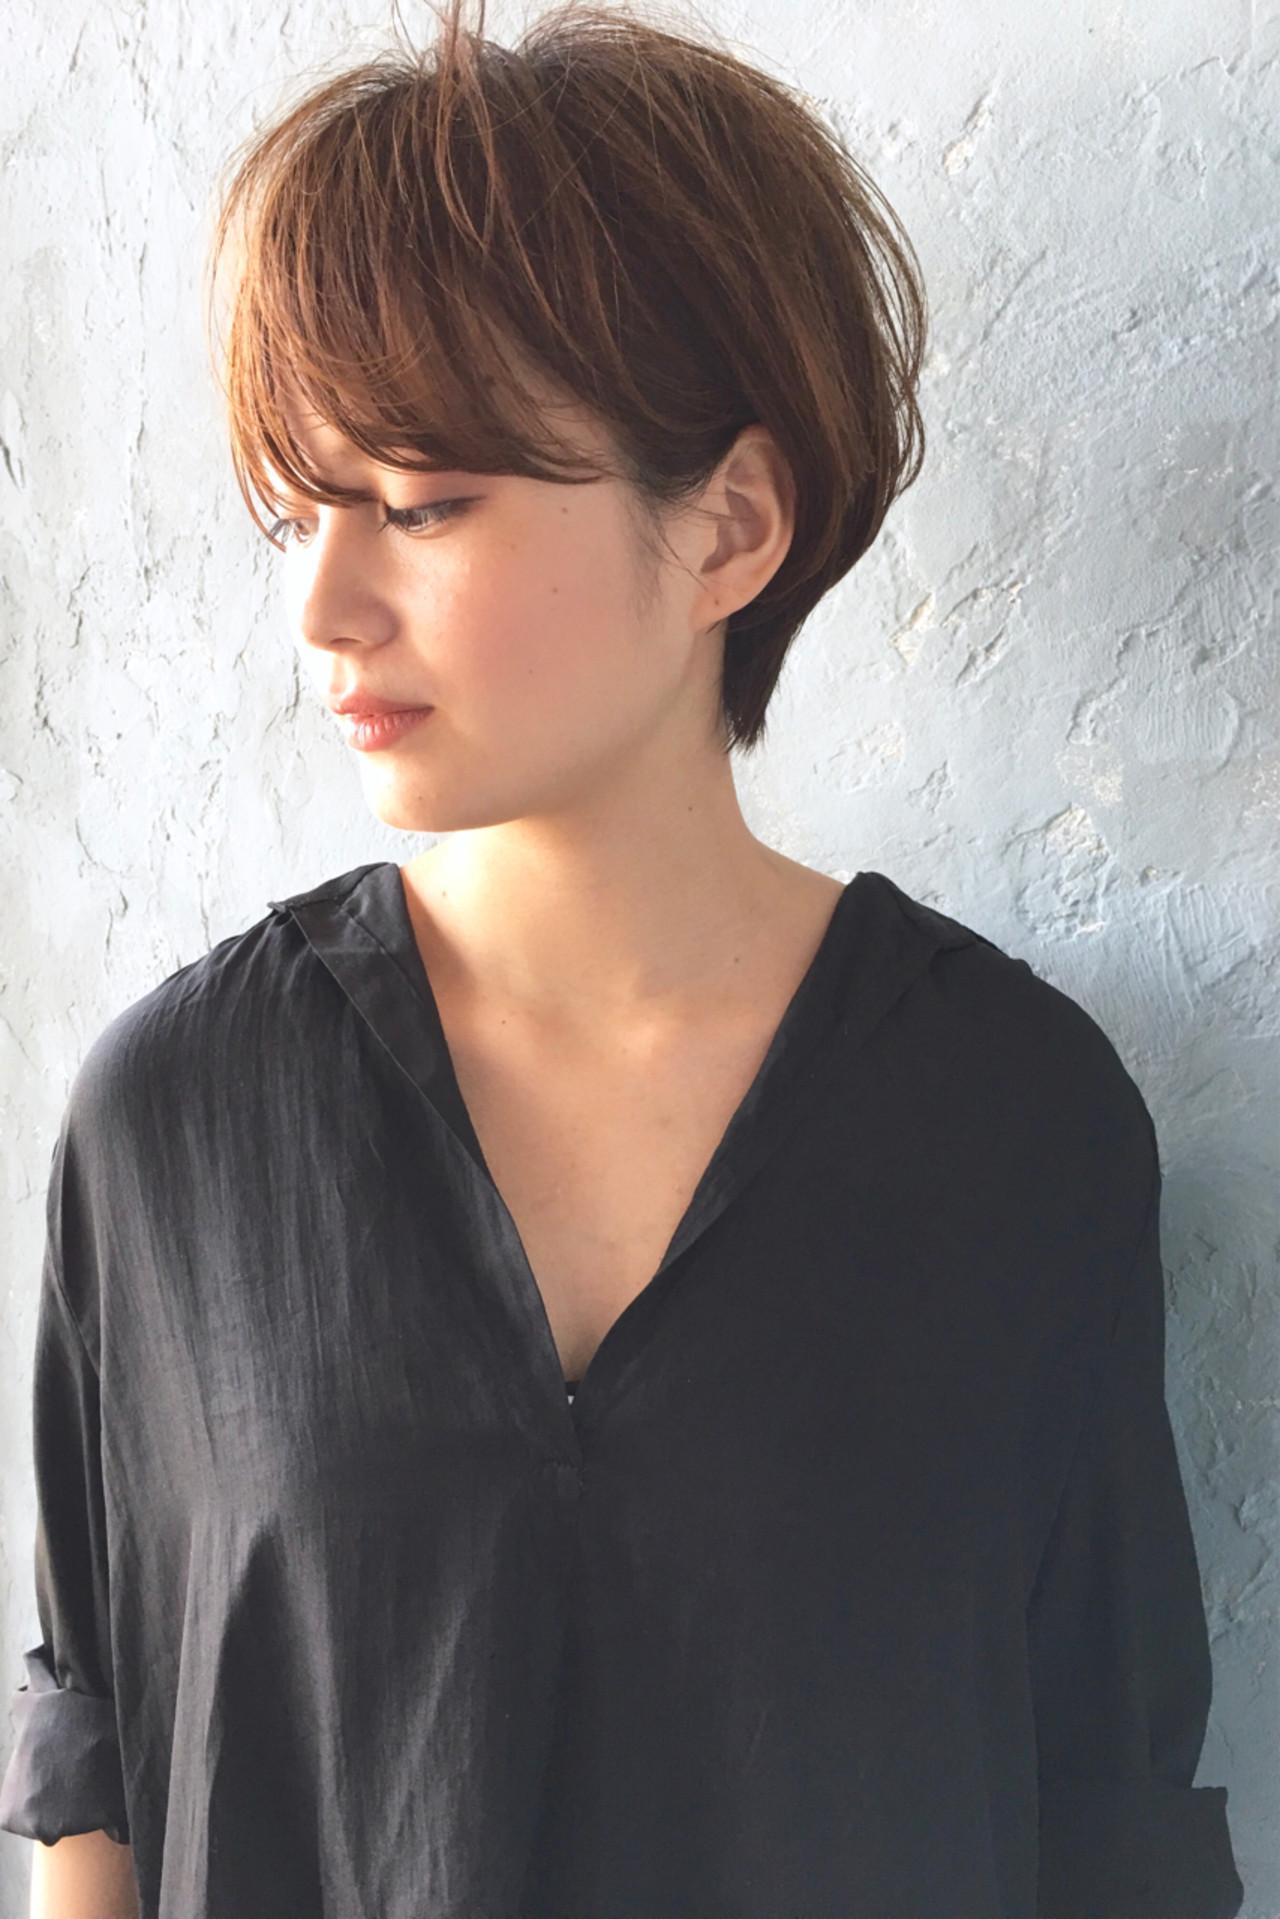 トップにボリュームを持たせた髪型も人気! okubo shigeru